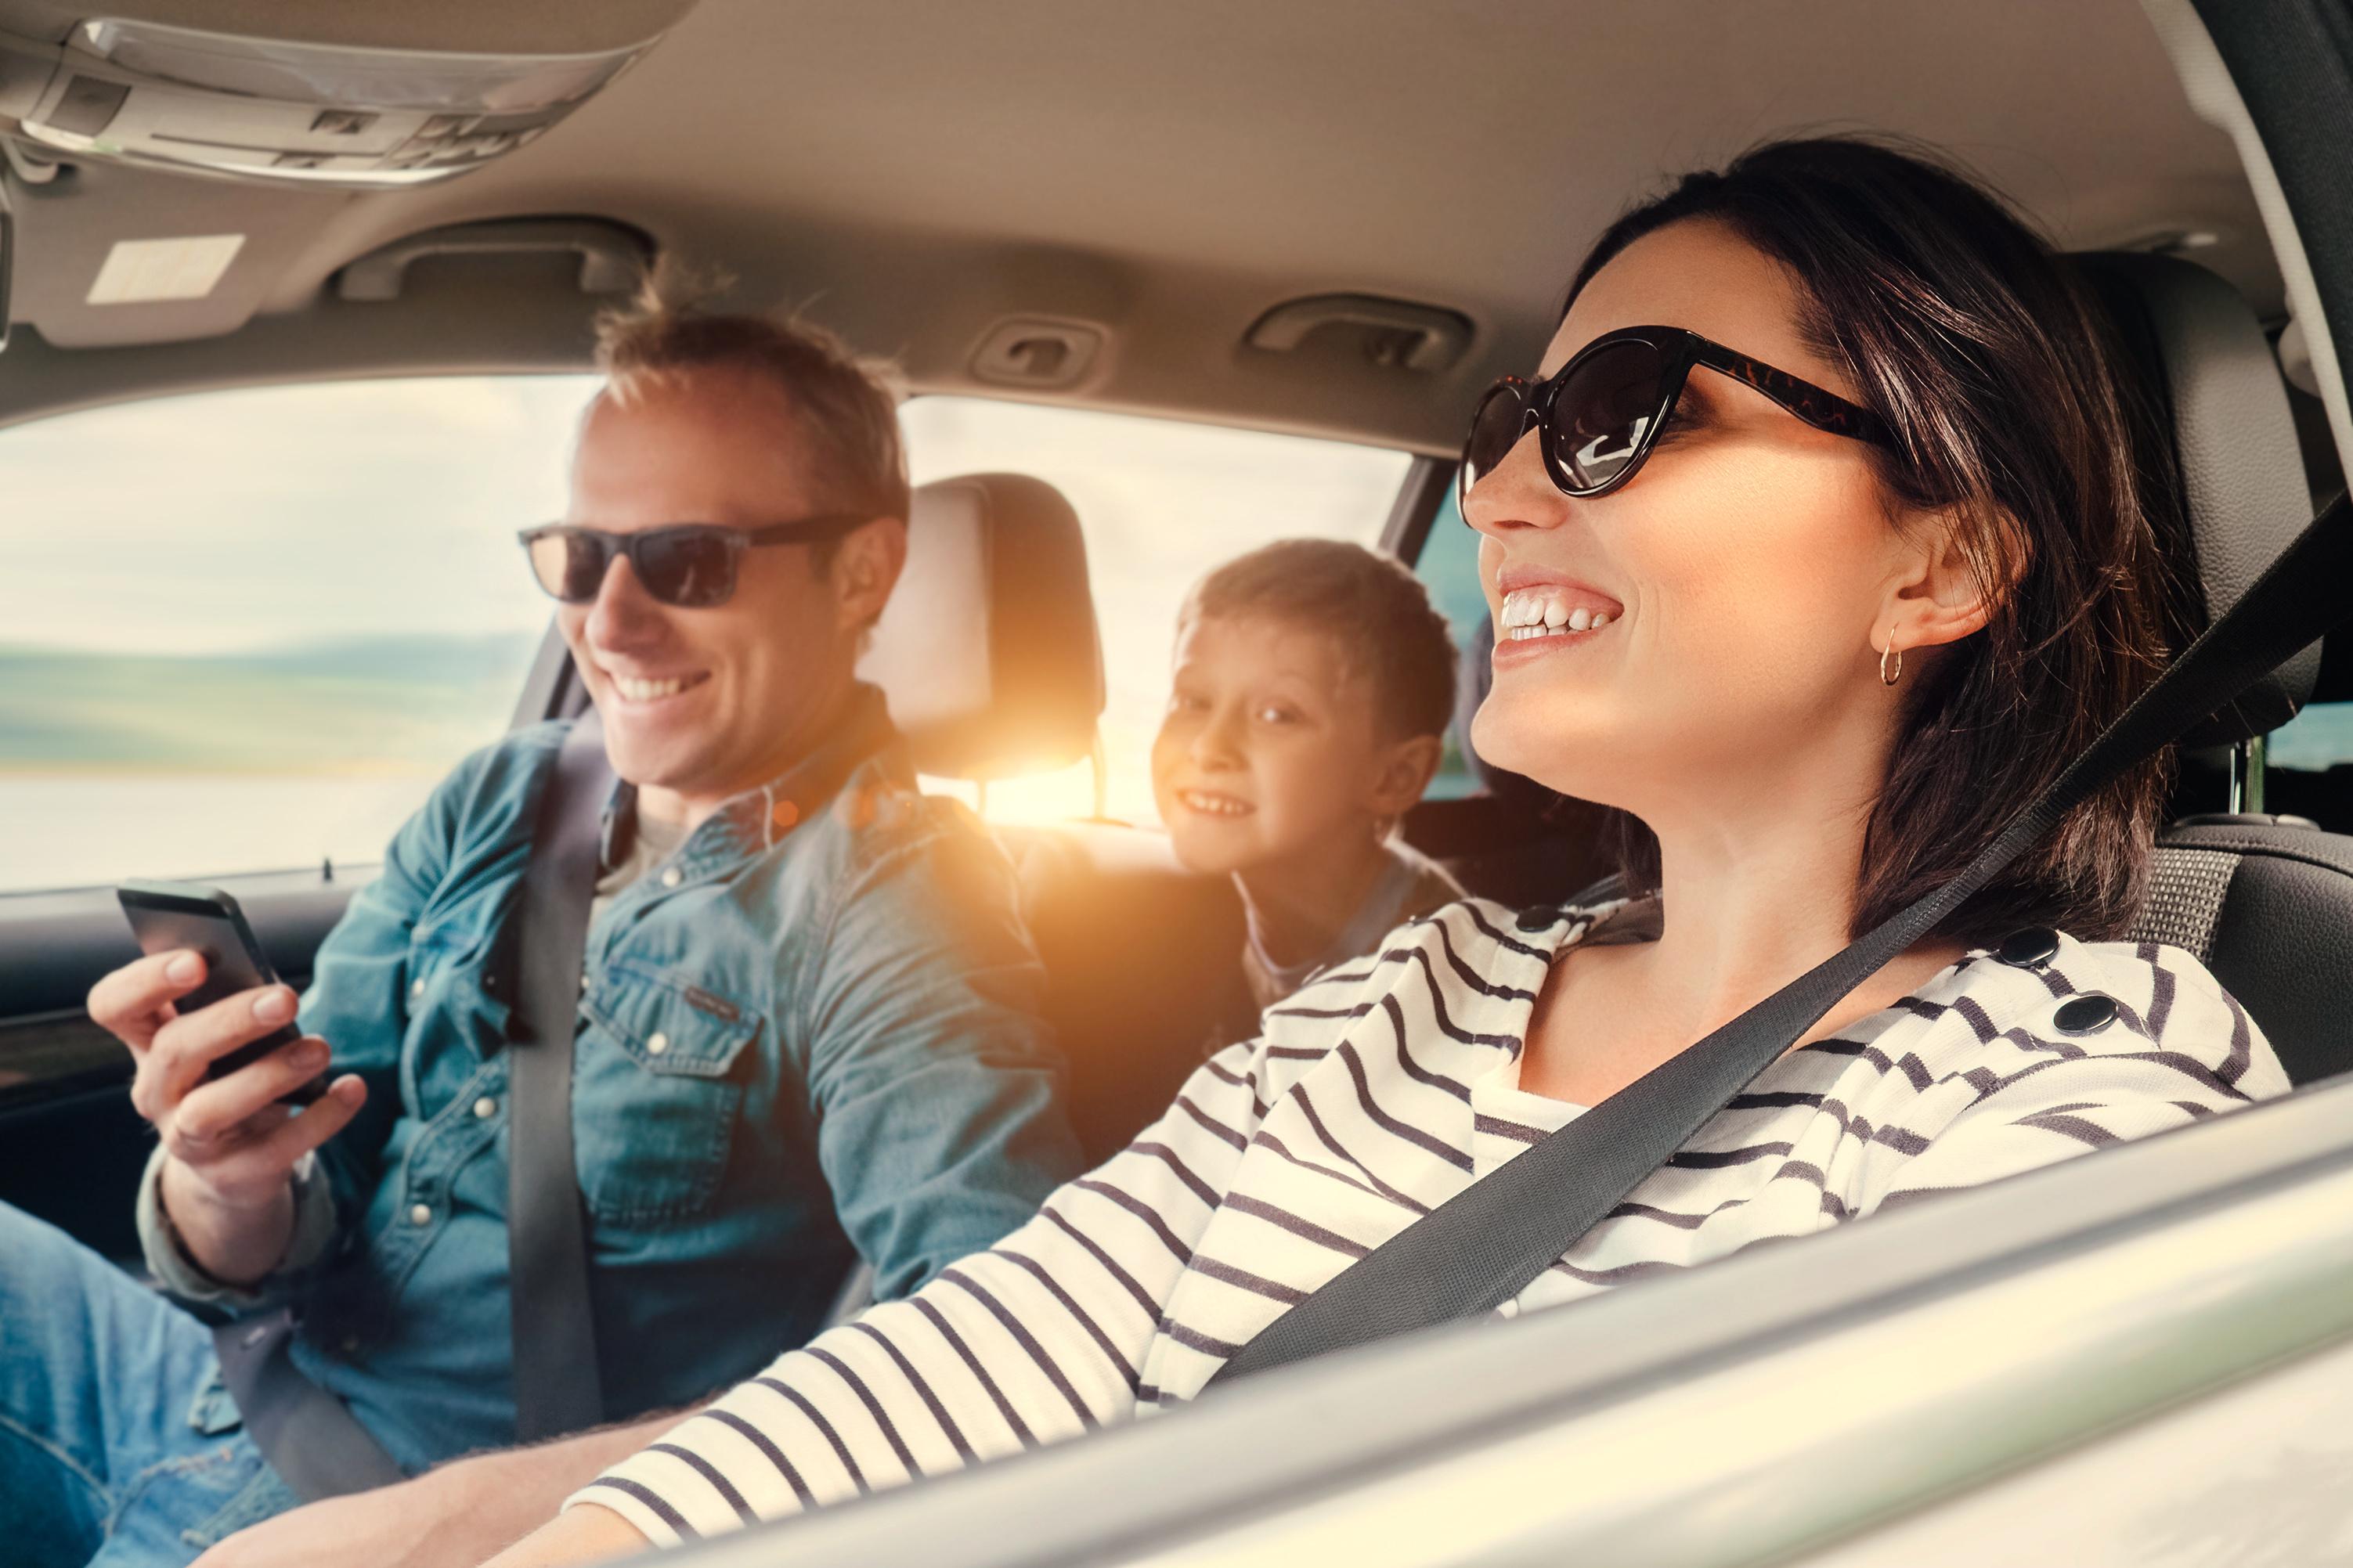 happy_family_in_car